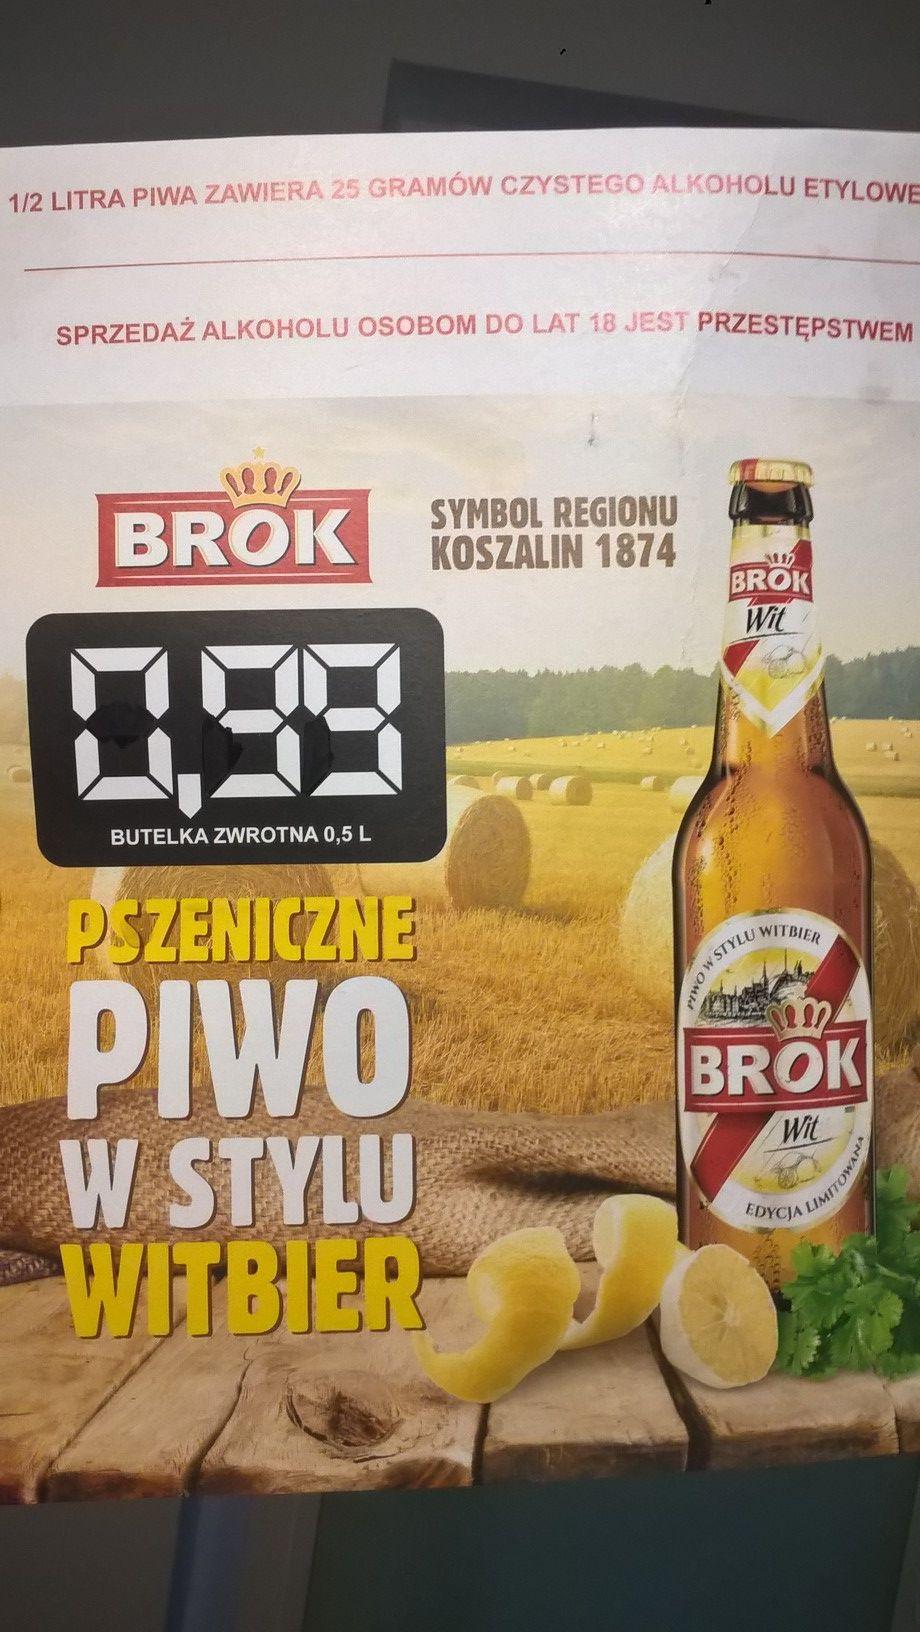 Piwo BROK Wit 500ml | Nowa promocja